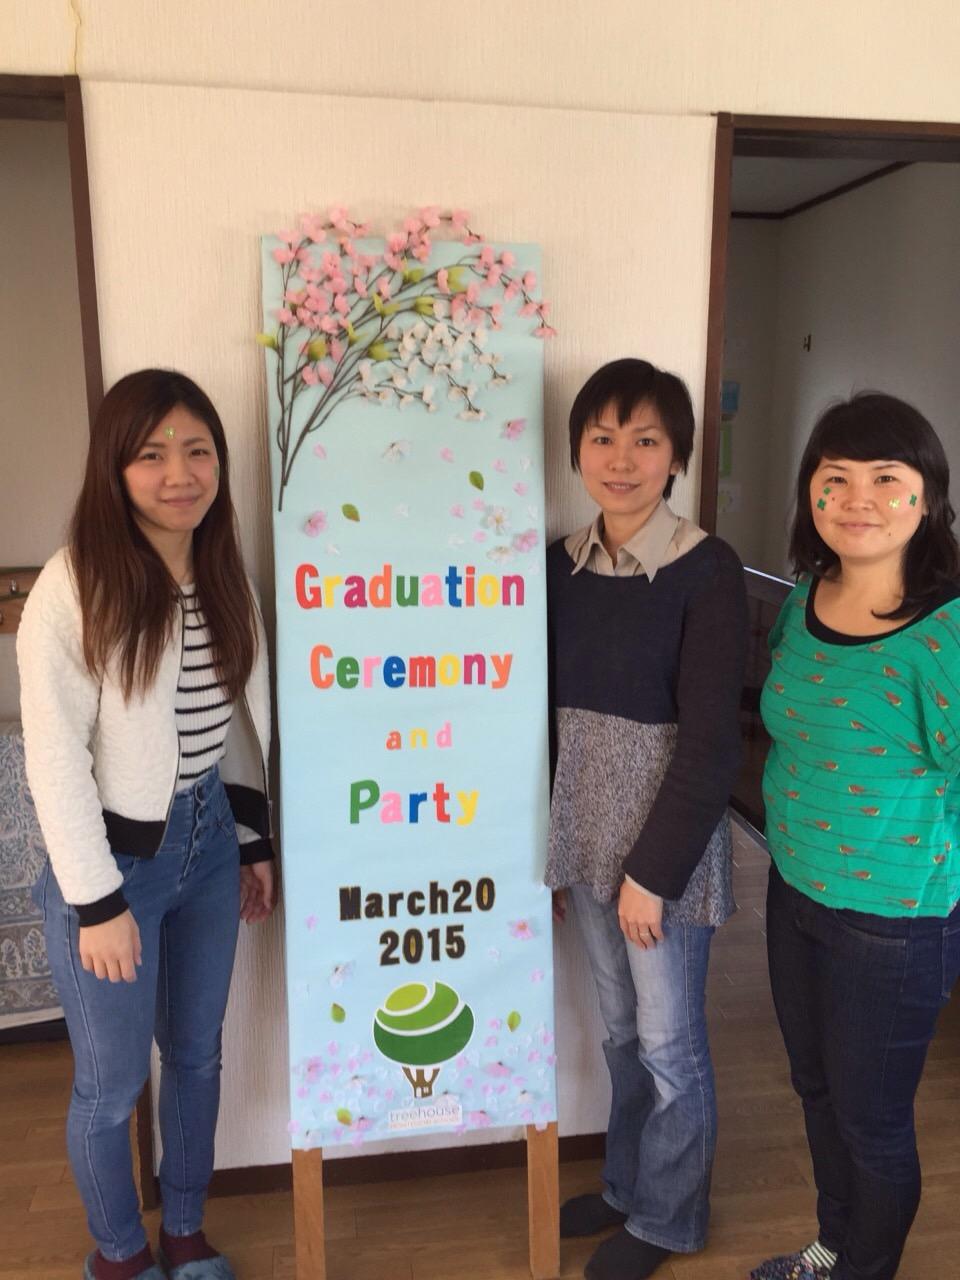 2015-04-01 15.44.37.jpg